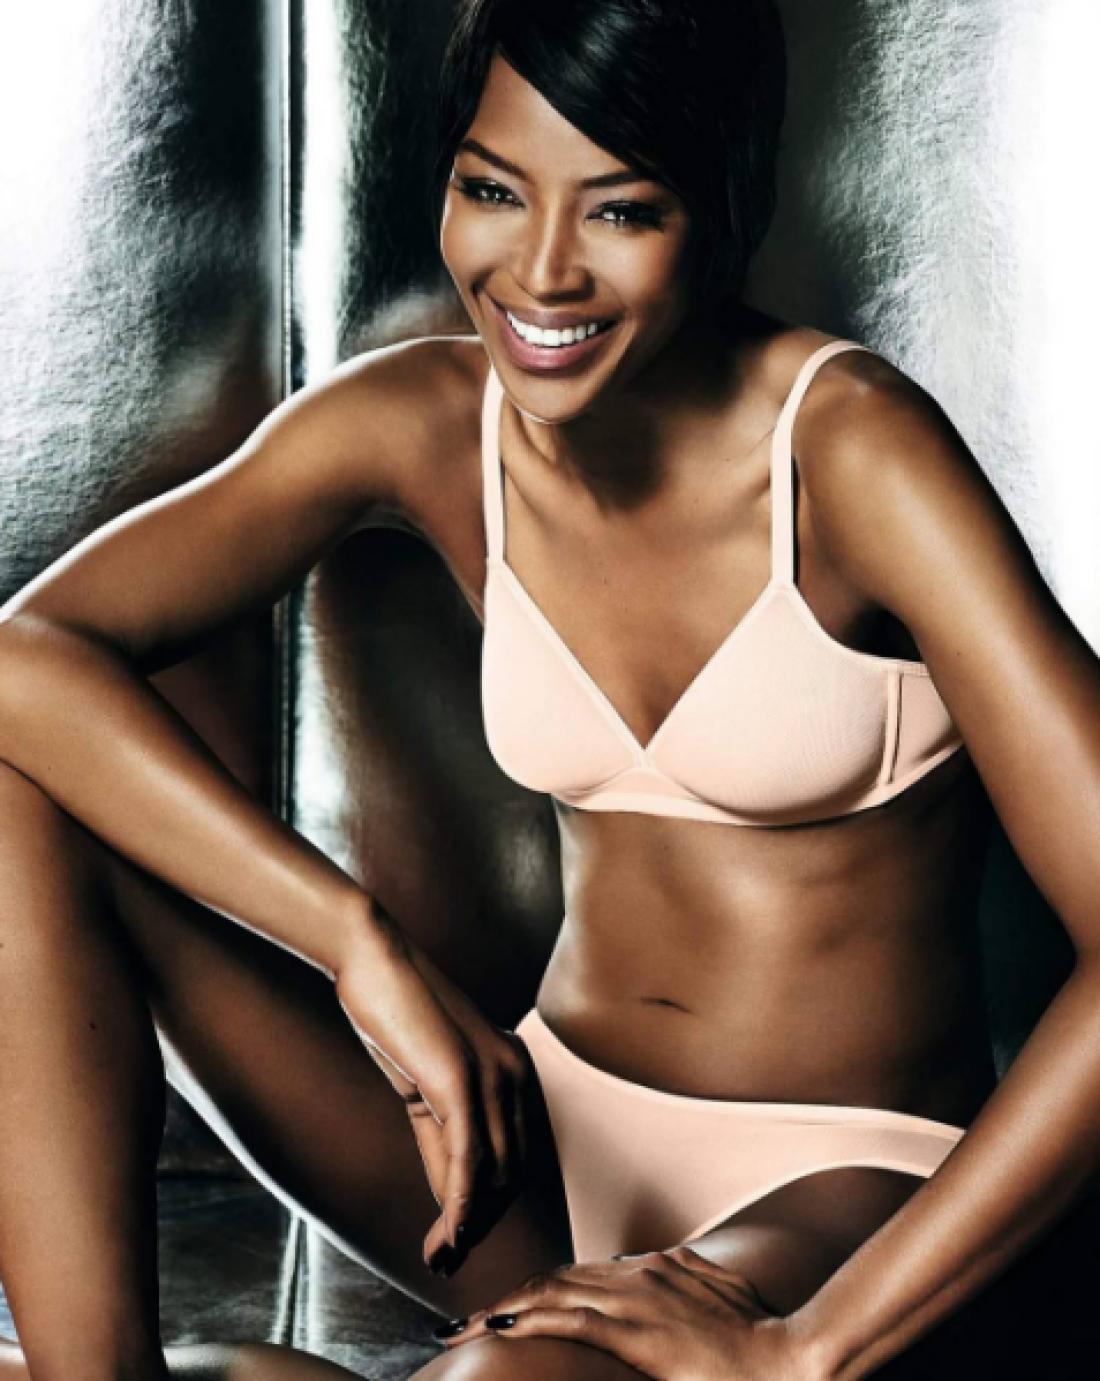 Модель Наоми Кэмпбелл в рекламнйо кампании Yamamay